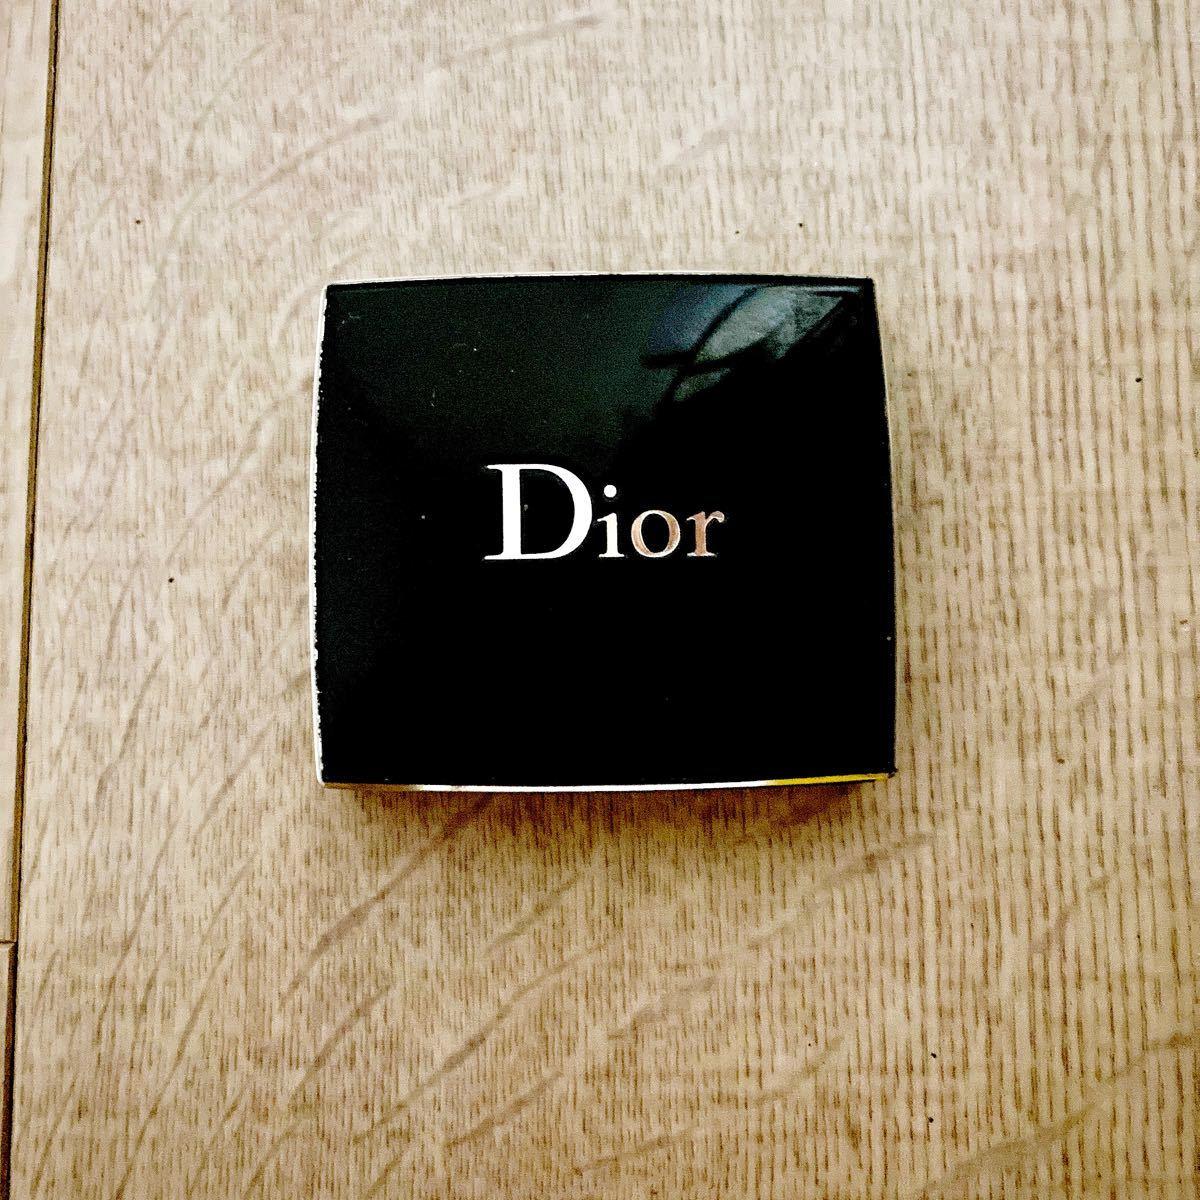 Dior ディオール アイシャドウ クリスチャンディオール Diorアイシャドウ ショウモノ